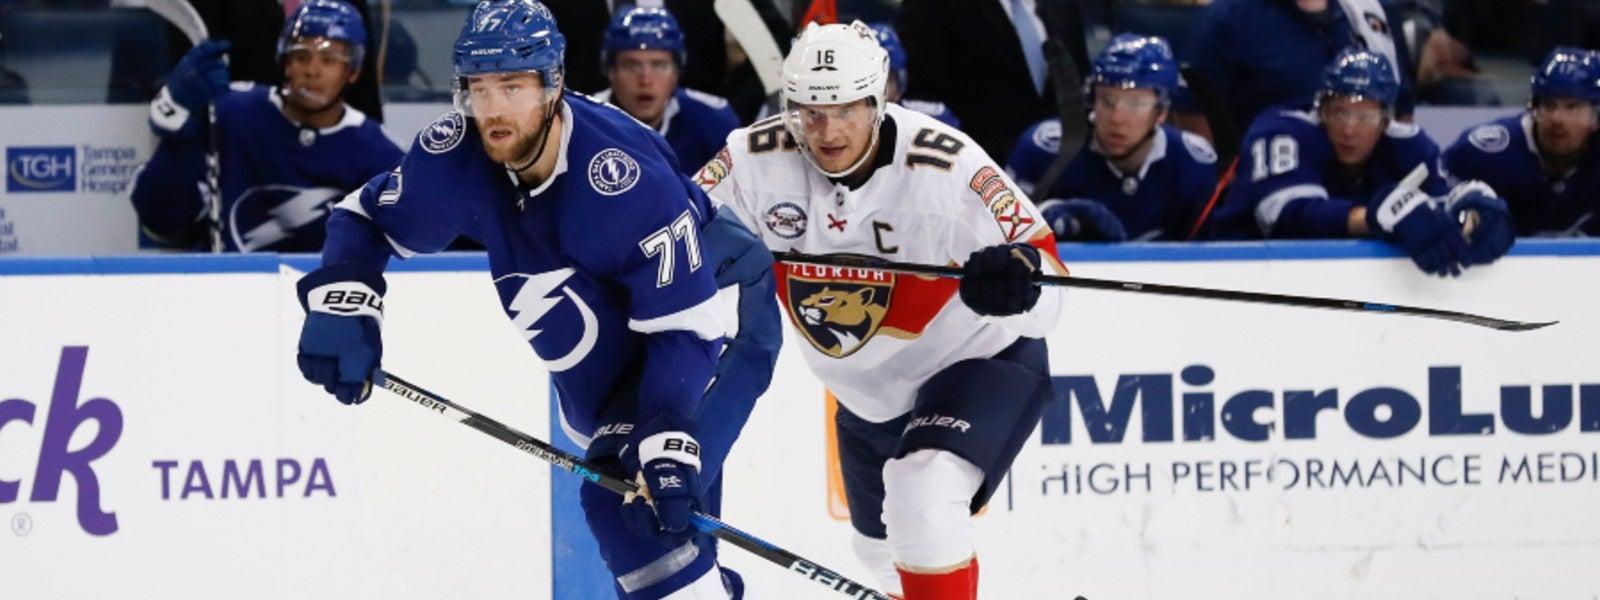 Tampa Bay Lightning vs. Florida Panthers (Preseason)